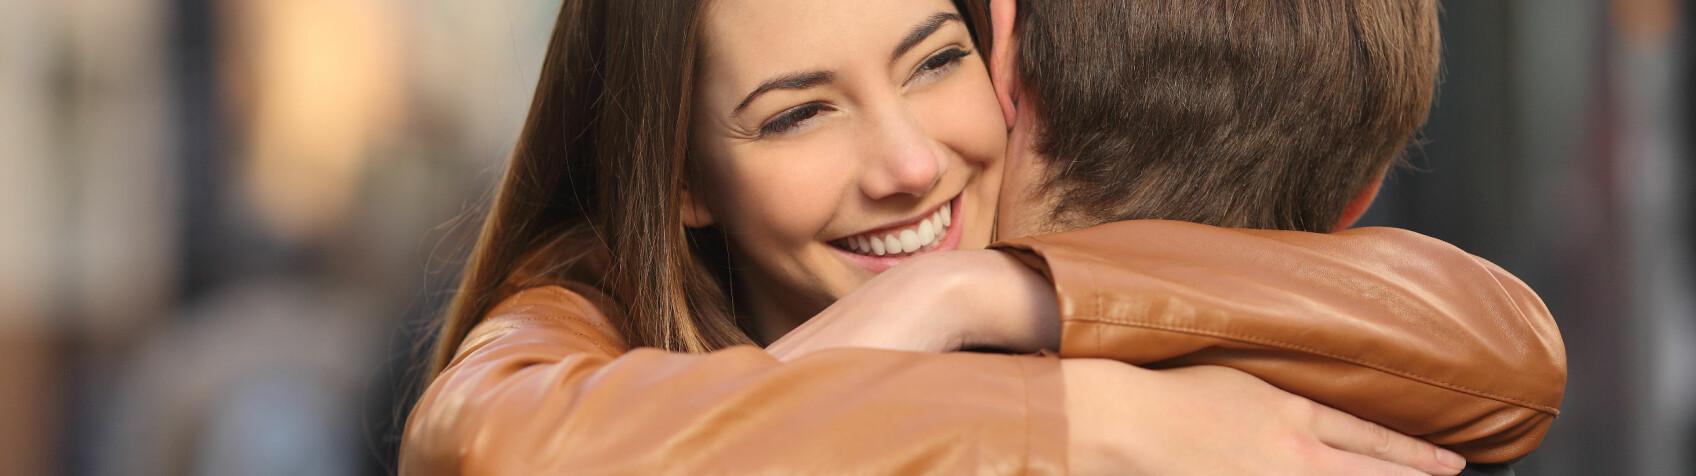 AVSLØRENDE: Måten en gutt klemmer seg på, kan si noe om han er interessert i deg som mer enn en venn eller ei. FOTO: Scanpix